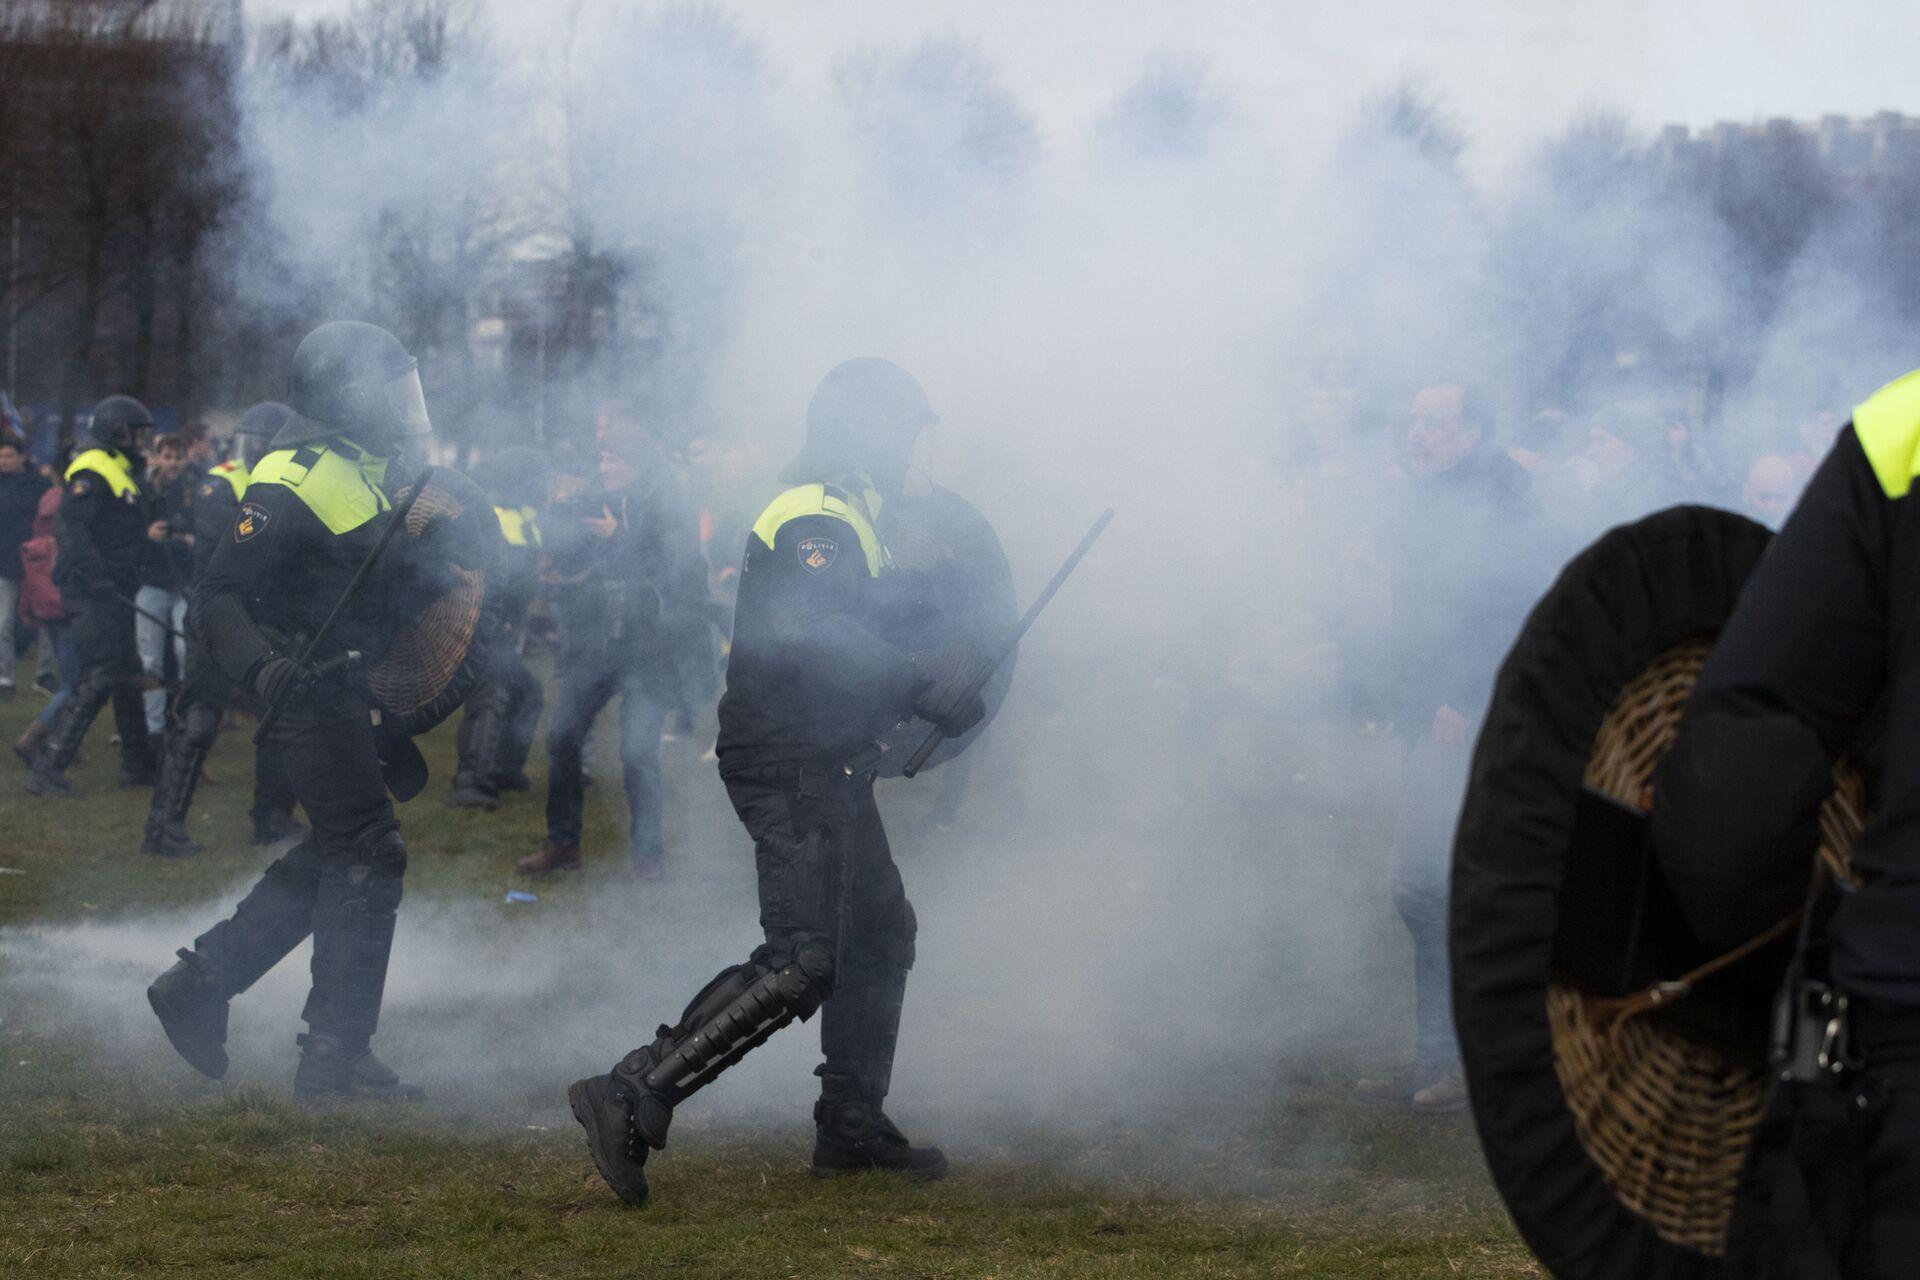 Хаг: Водени топови и палице на протестима против закључавања /фото, видео/ - Sputnik Србија, 1920, 14.03.2021